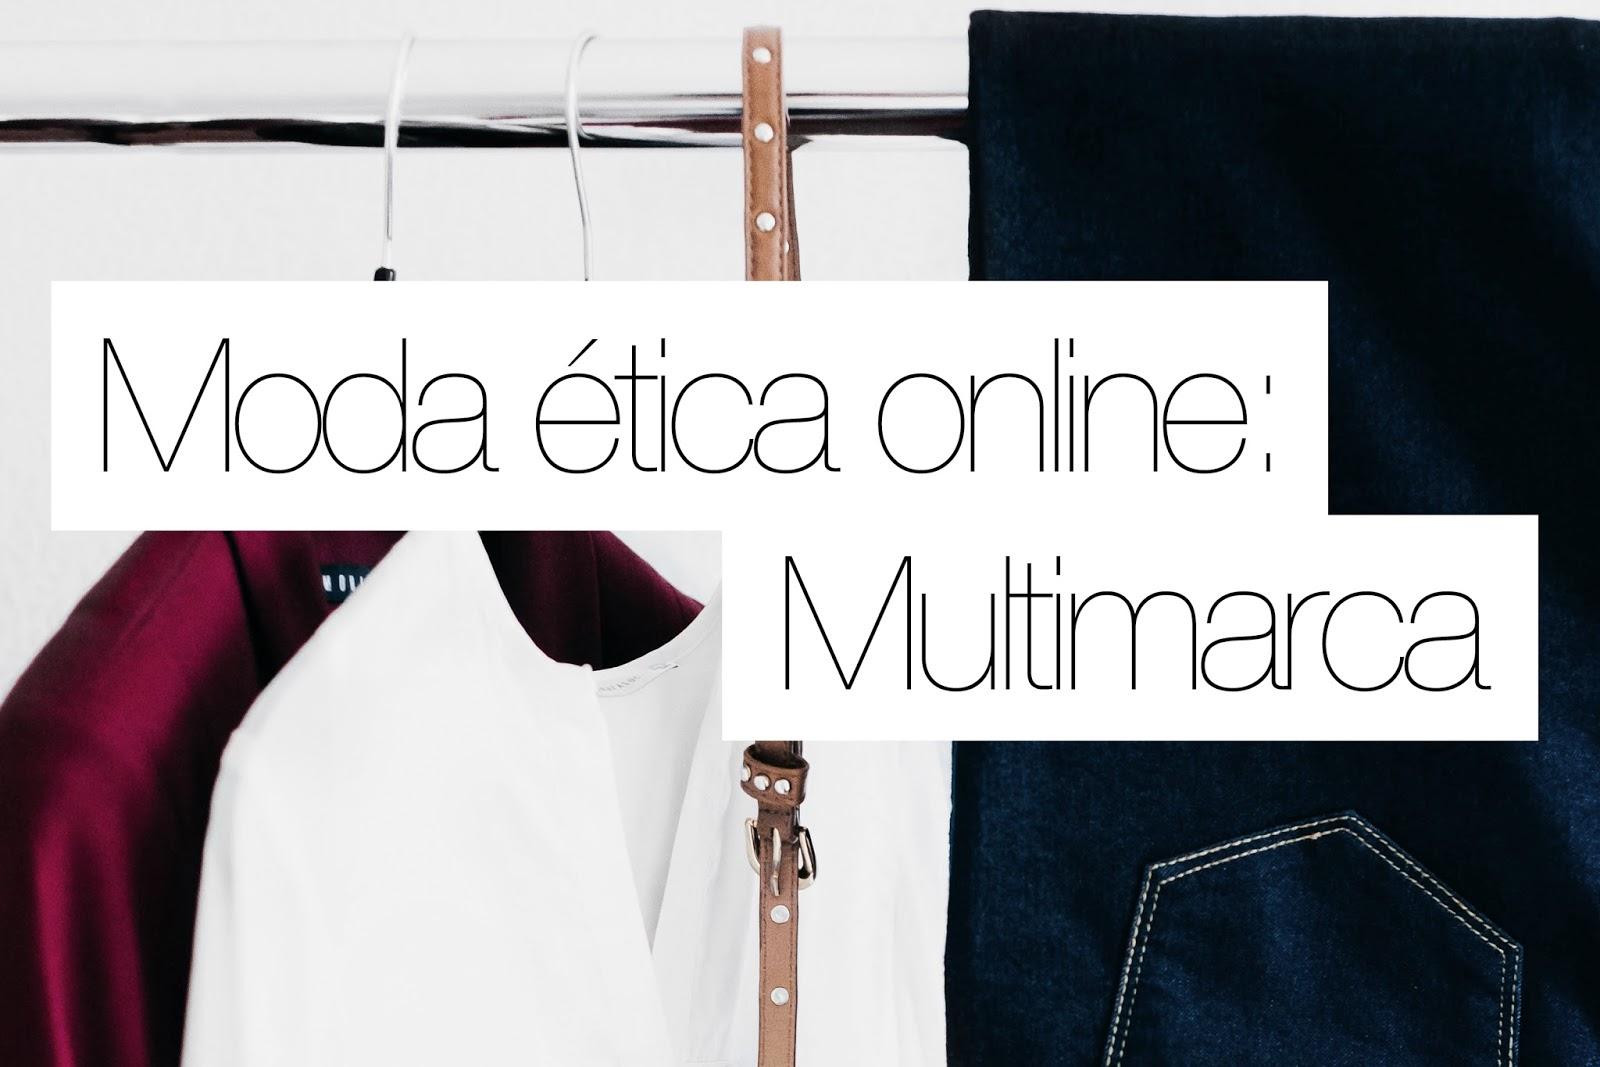 Moda ética online multimarca y multiproducto